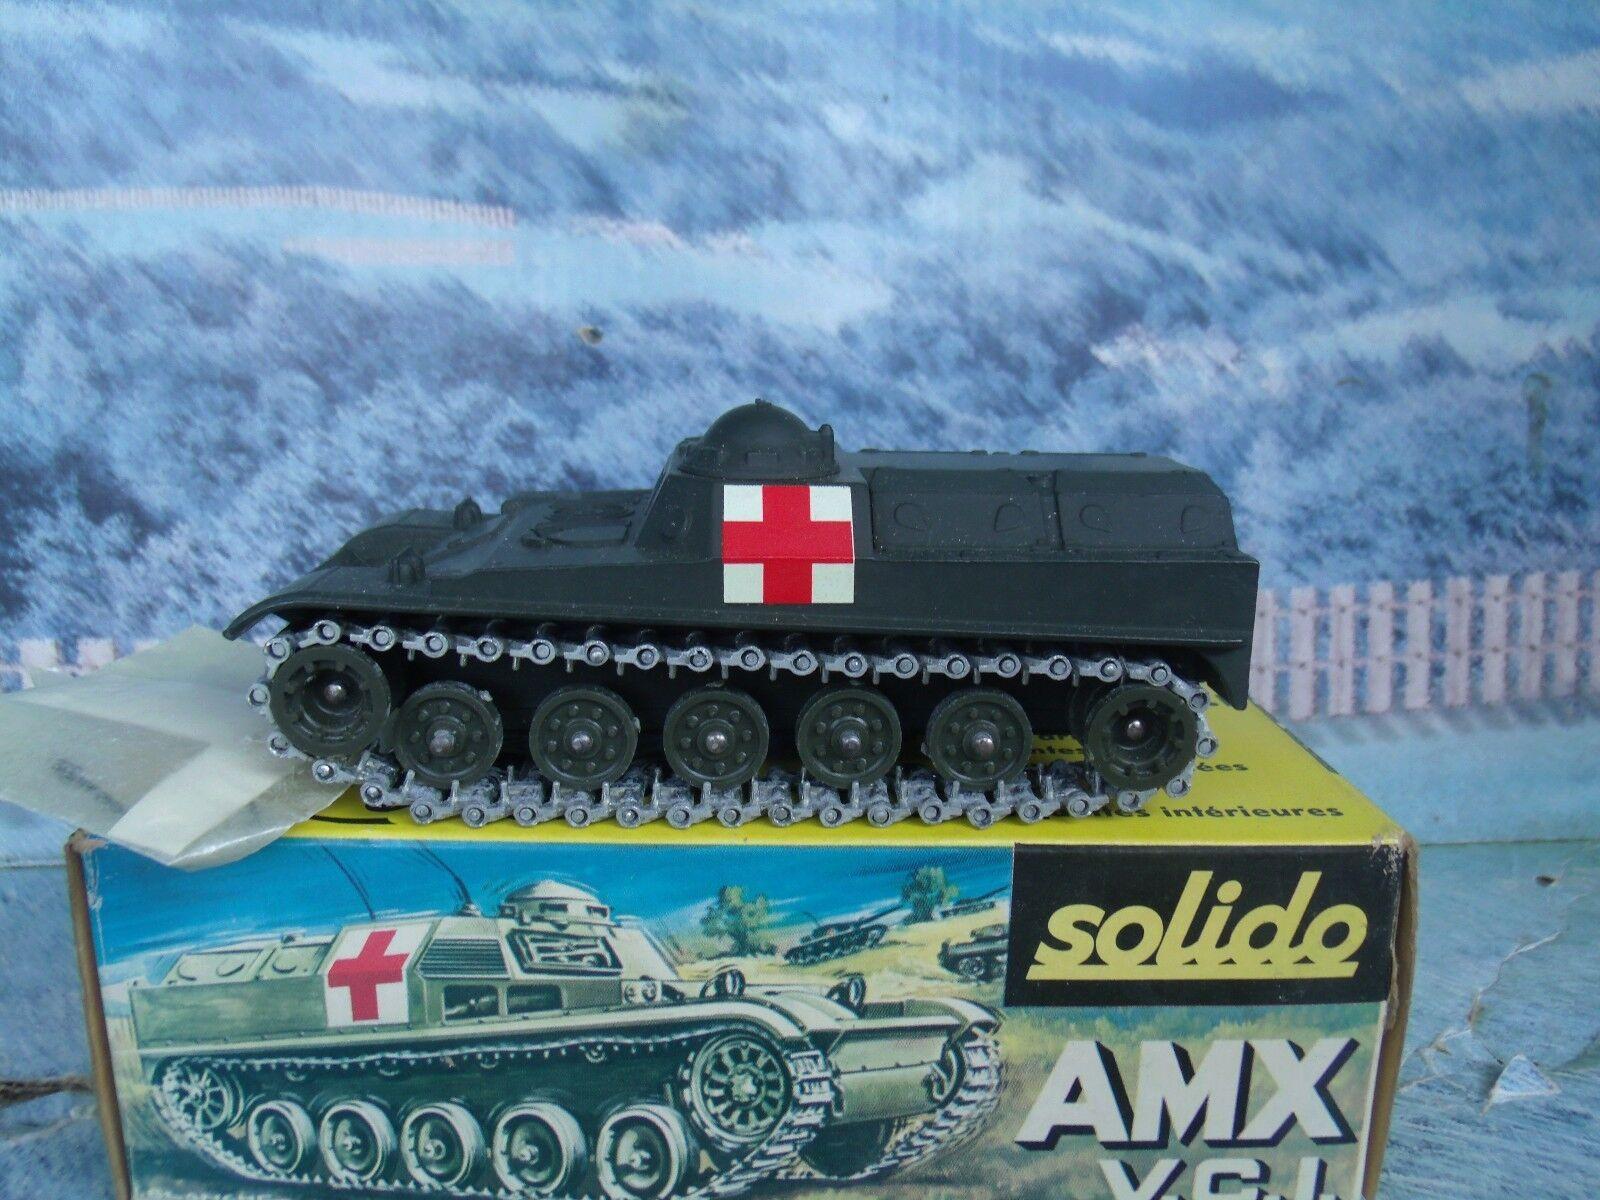 1 50 Solido (Francia) Militar Amx v.c.i Ambulancia   227